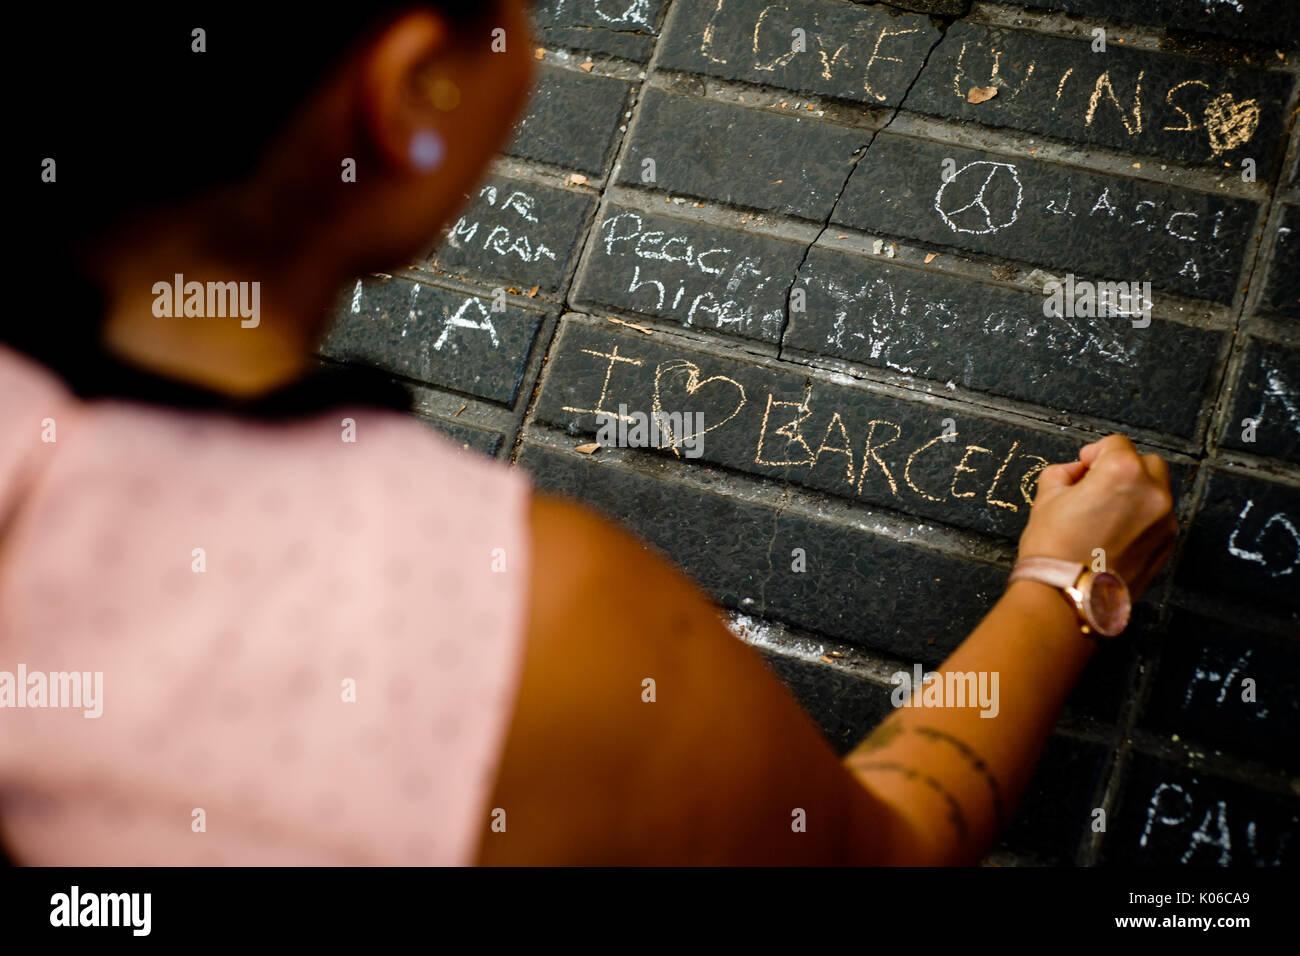 Barcelone, Espagne. Août 21, 2017. Une femme writtes un message sur l'étage de Las Ramblas de Barcelone, le même jour que Younes Abouyaaqoub, identifiés comme chauffeur de van qui a accéléré le long de la rue Las Ramblas le jeudi, a été abattu par des agents de police catalane dans le village de Subirats. Crédit: Jordi Boixareu/Alamy Live News Banque D'Images